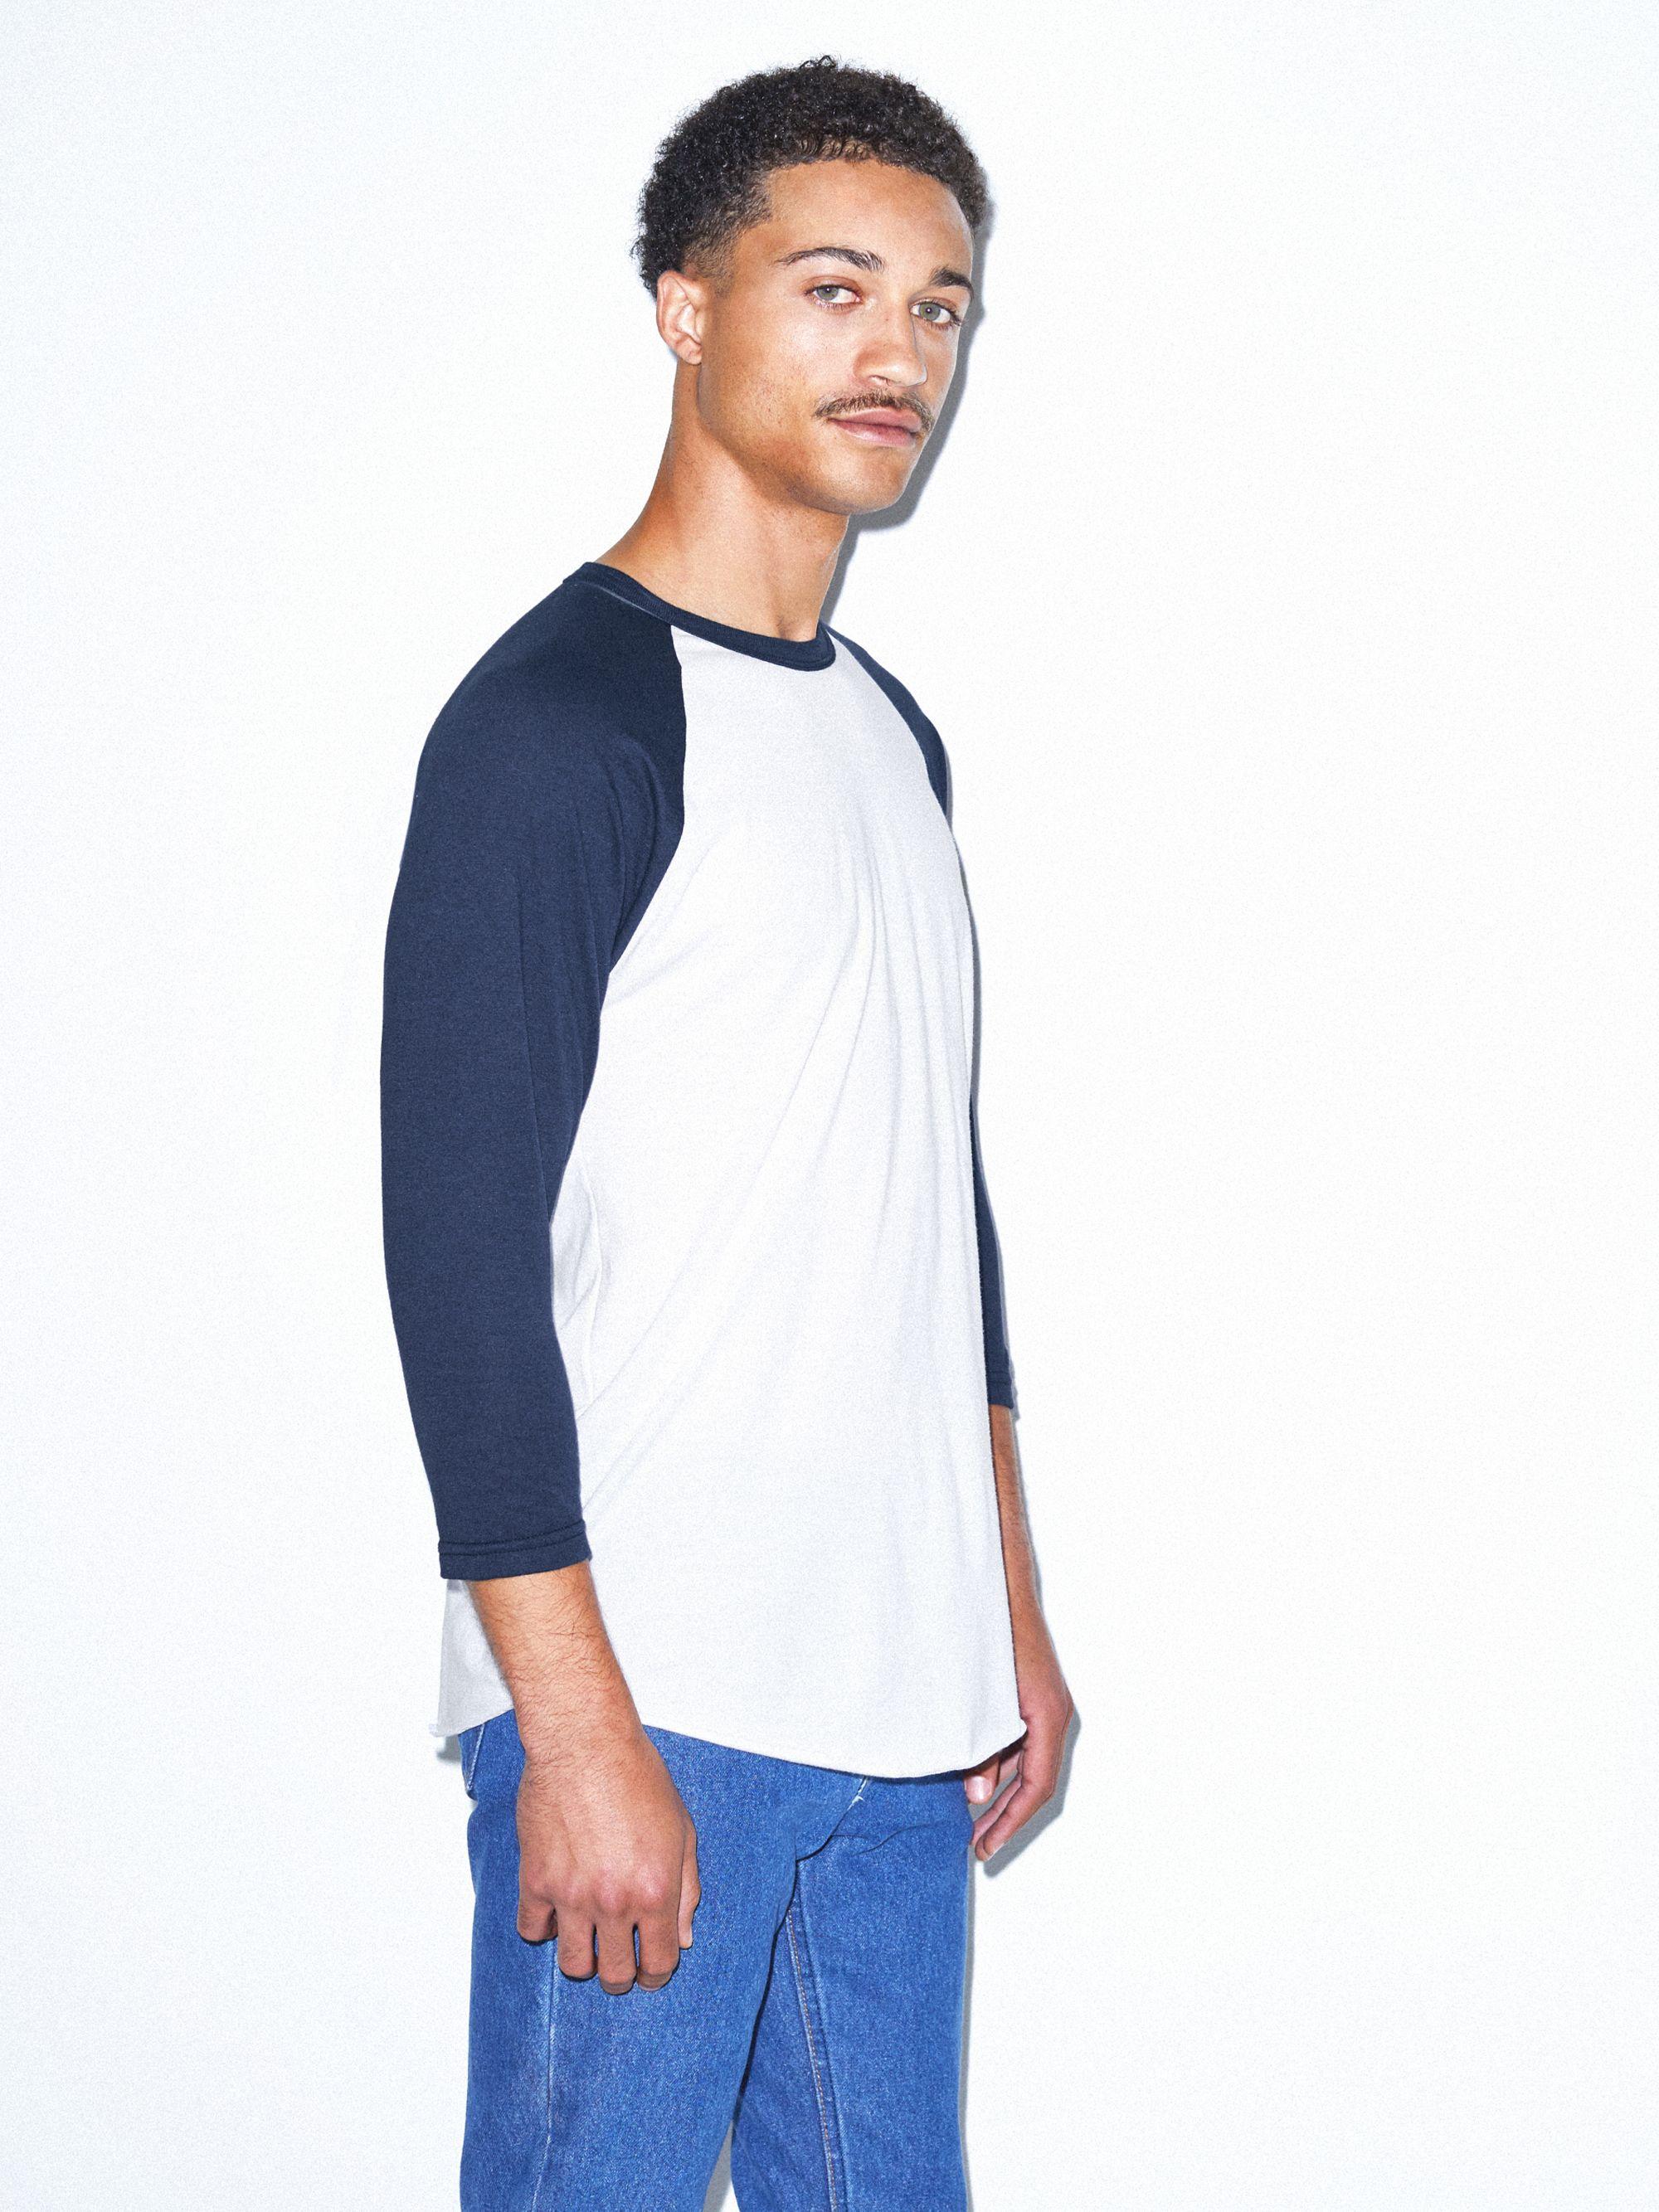 dd9d5d4b96a Unisex 50 50 Raglan 3 4 Sleeve T-Shirt